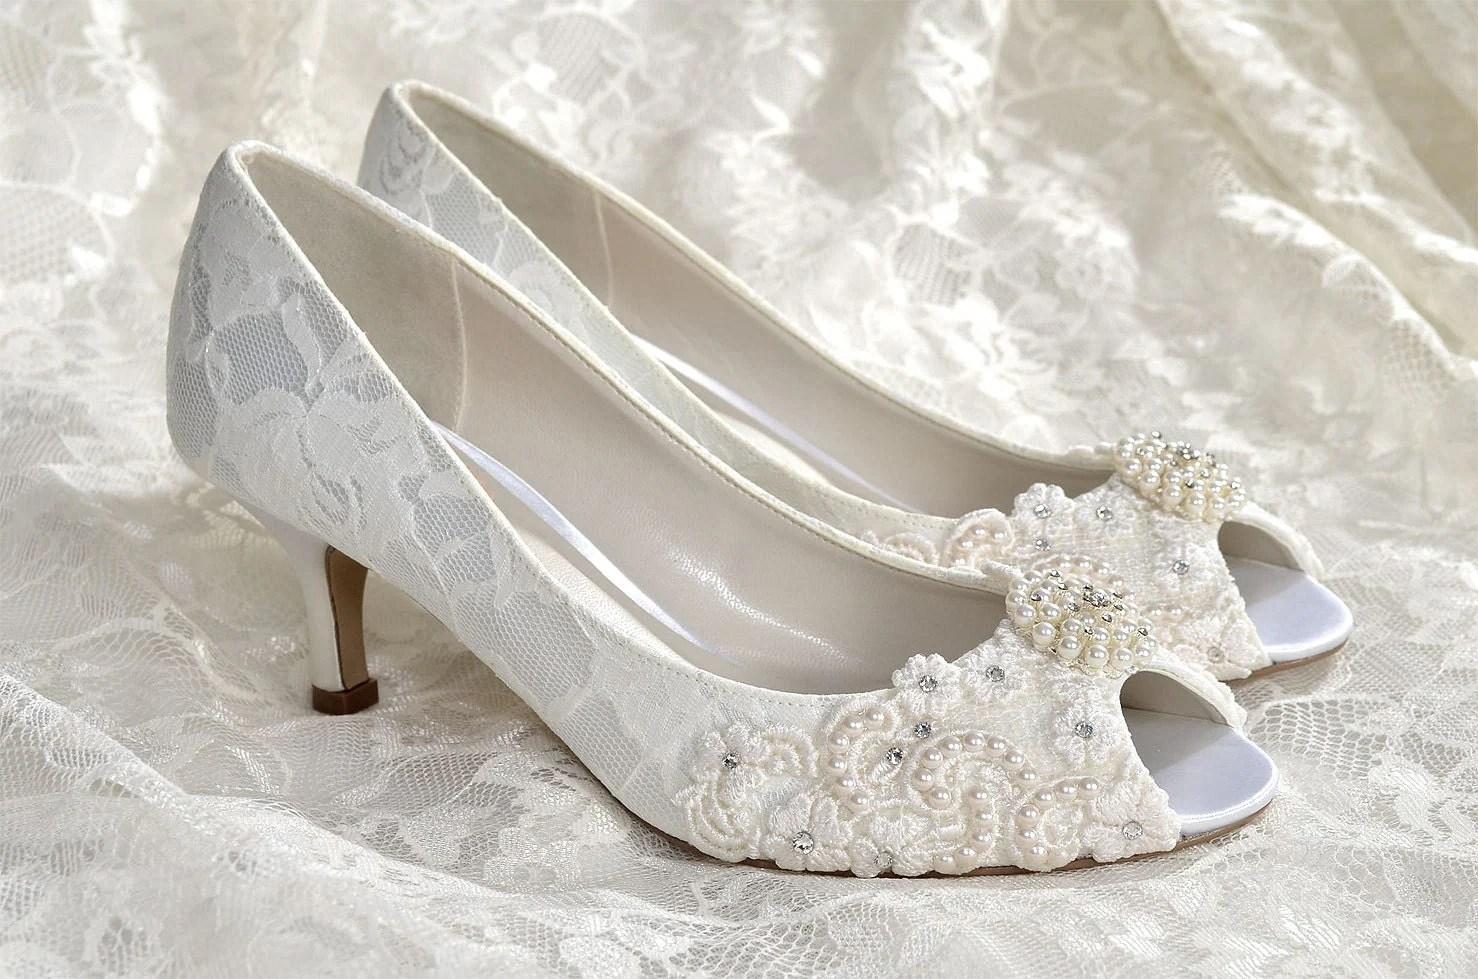 pearl wedding shoes kitten heel wedding shoes Wedding Shoes Medium Heels Custom Colors Vintage Wedding Lace Peep Toe Wedding Heels Women s Bridal Shoes PBP 2 25 Heels Pink 2 Blue